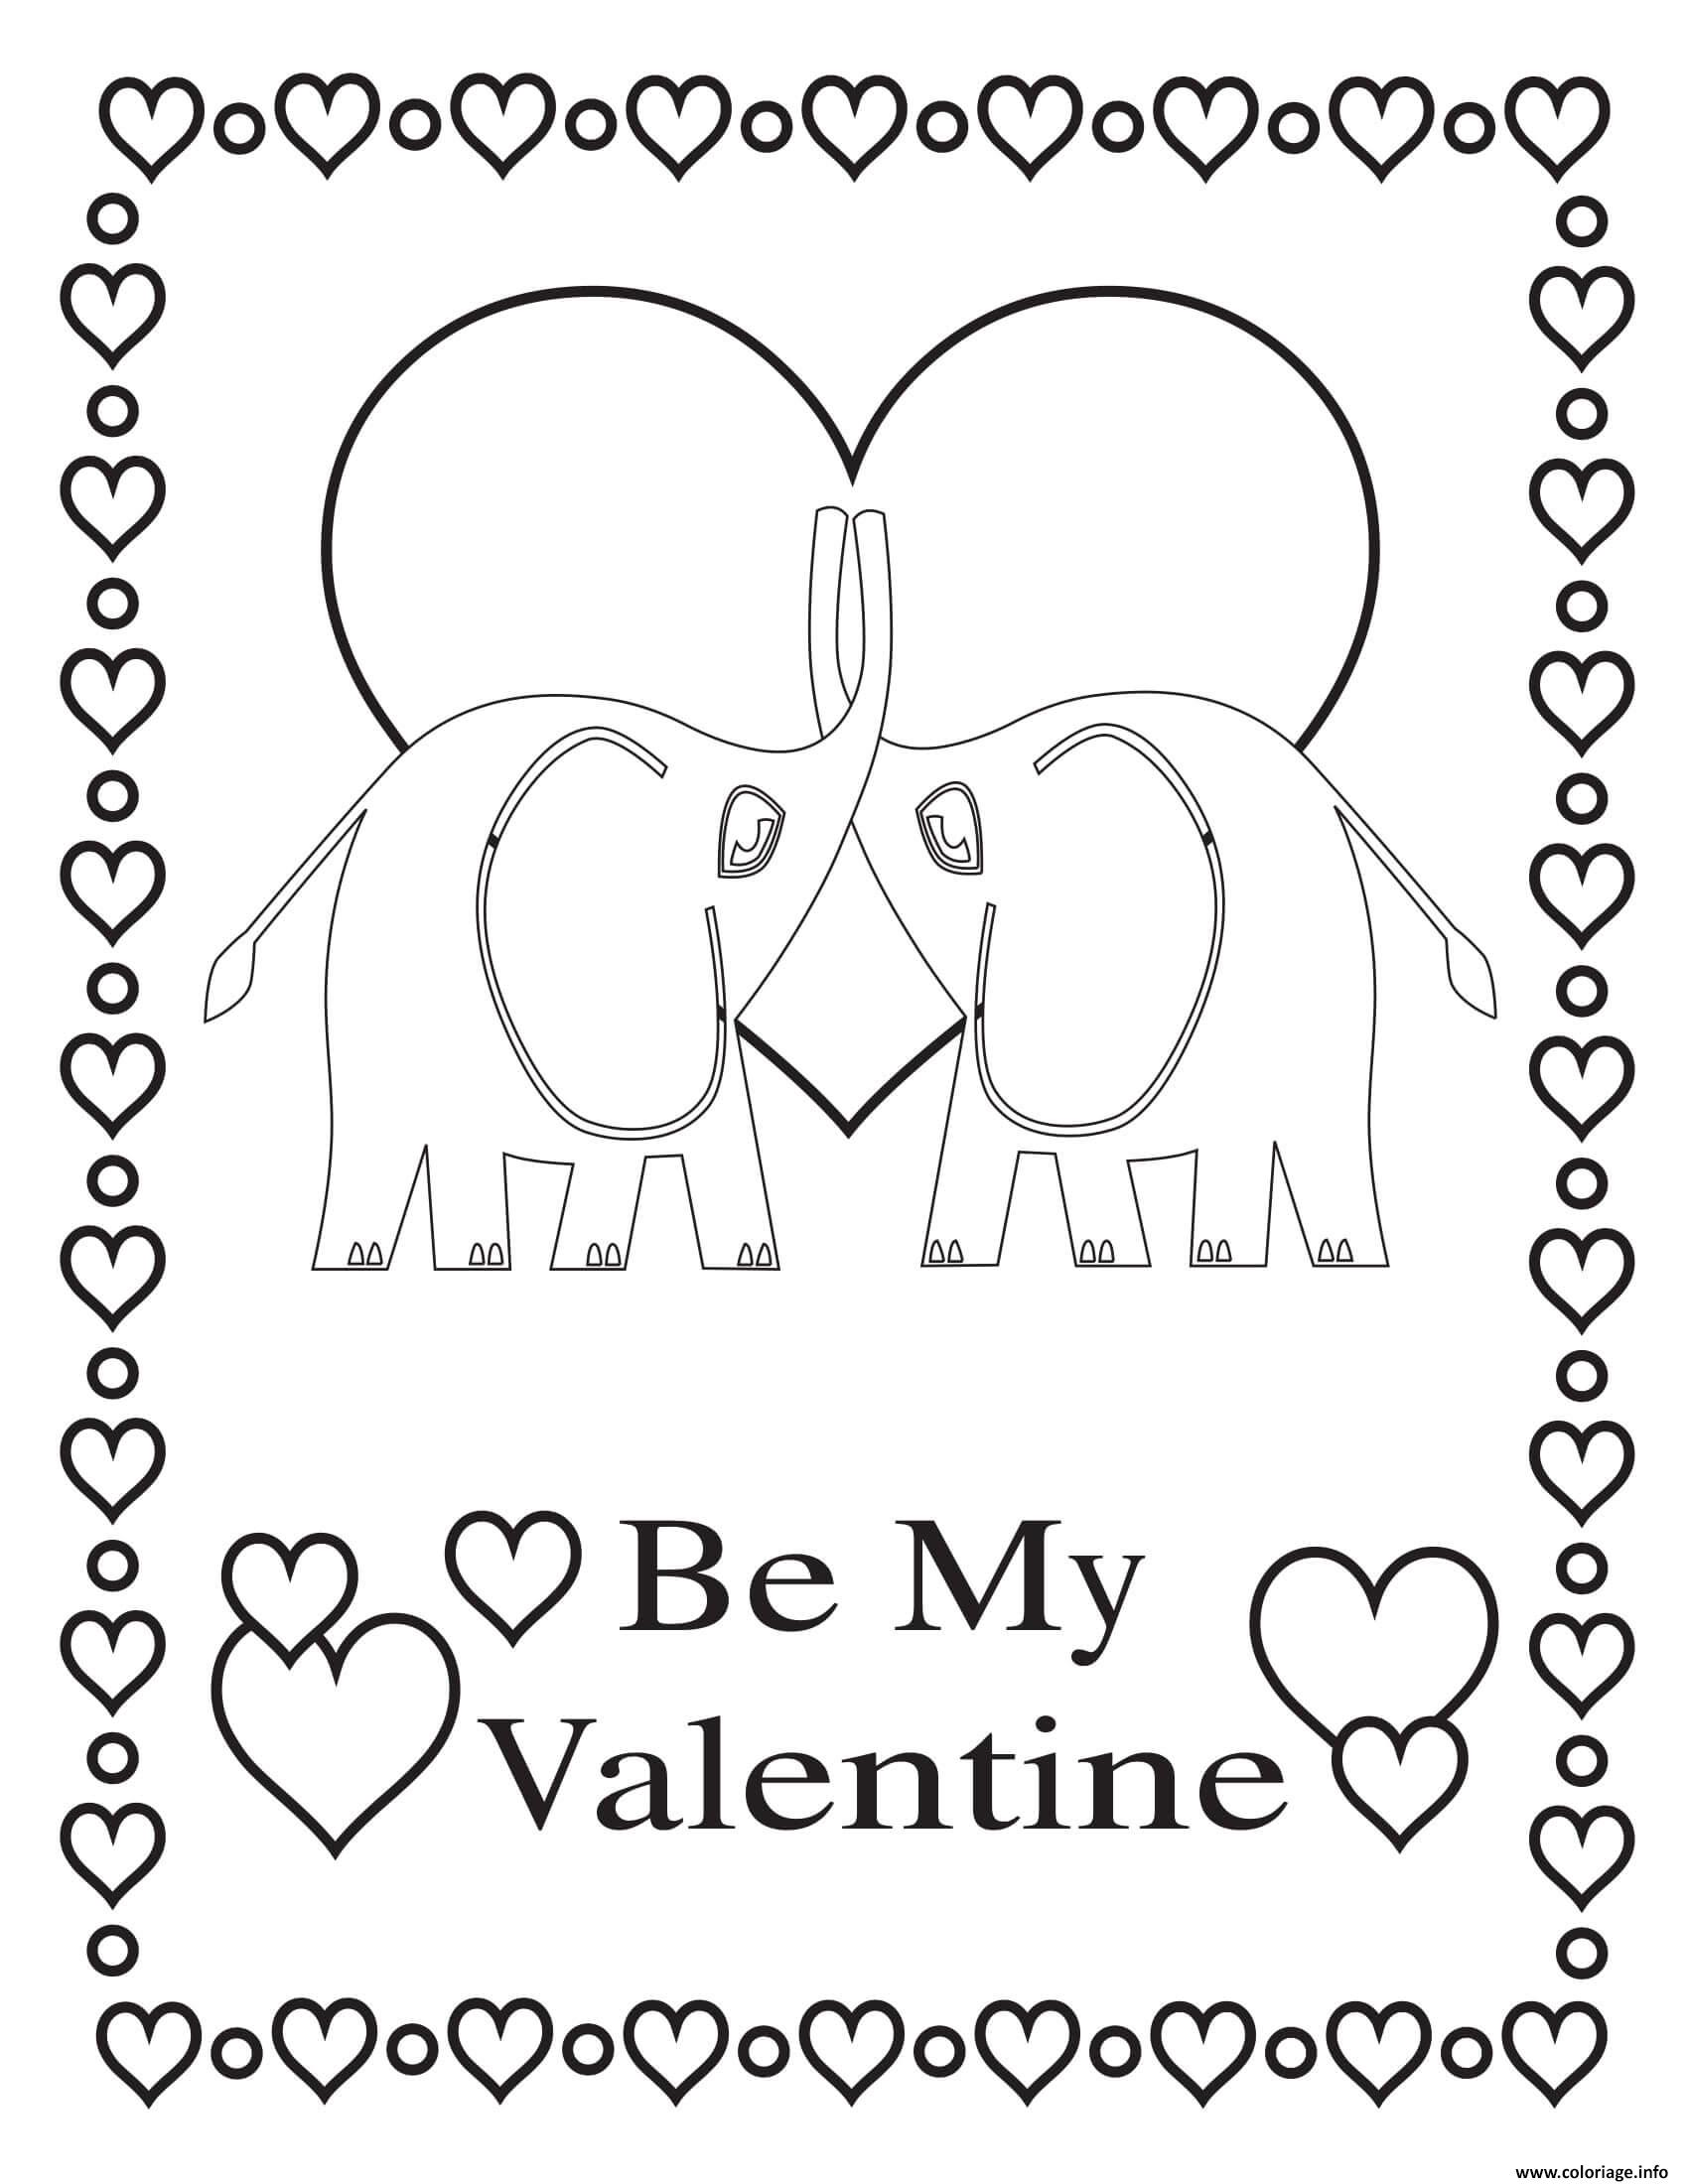 Dessin amour soit mon valentine Coloriage Gratuit à Imprimer